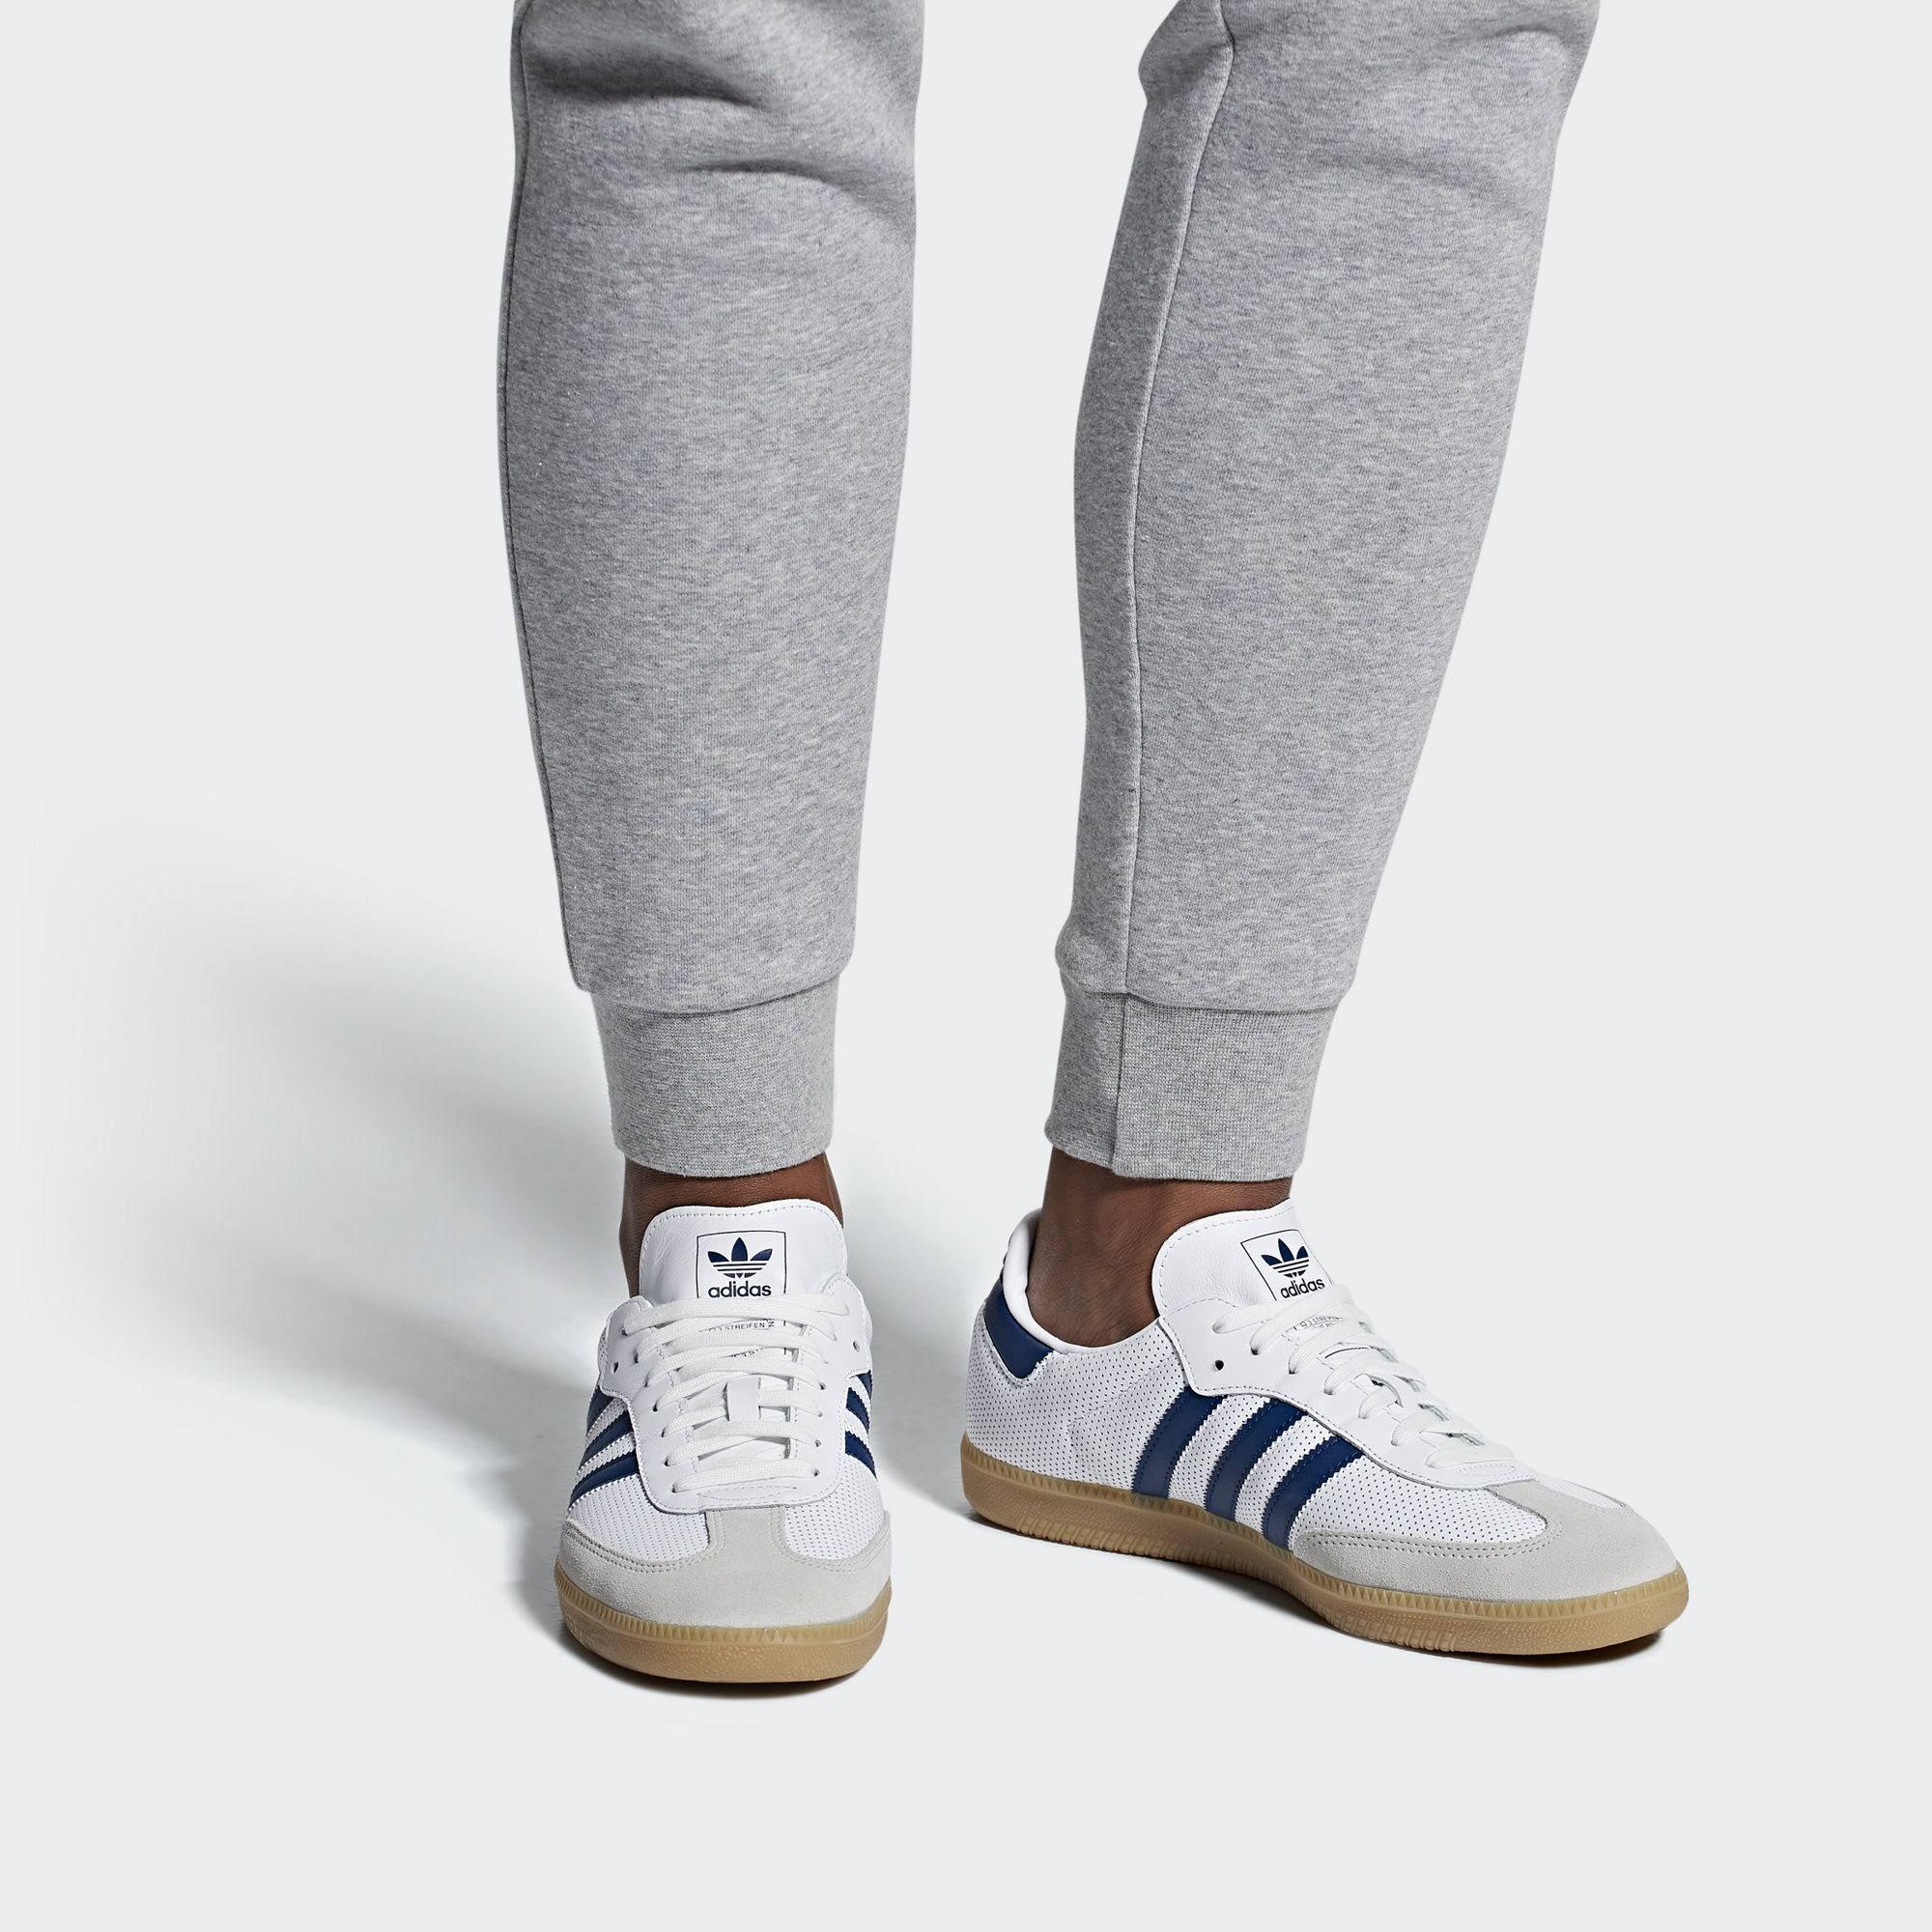 And Cloud heren voor Samba Shoes White 7Originelen Adidas OXwlPuTkZi